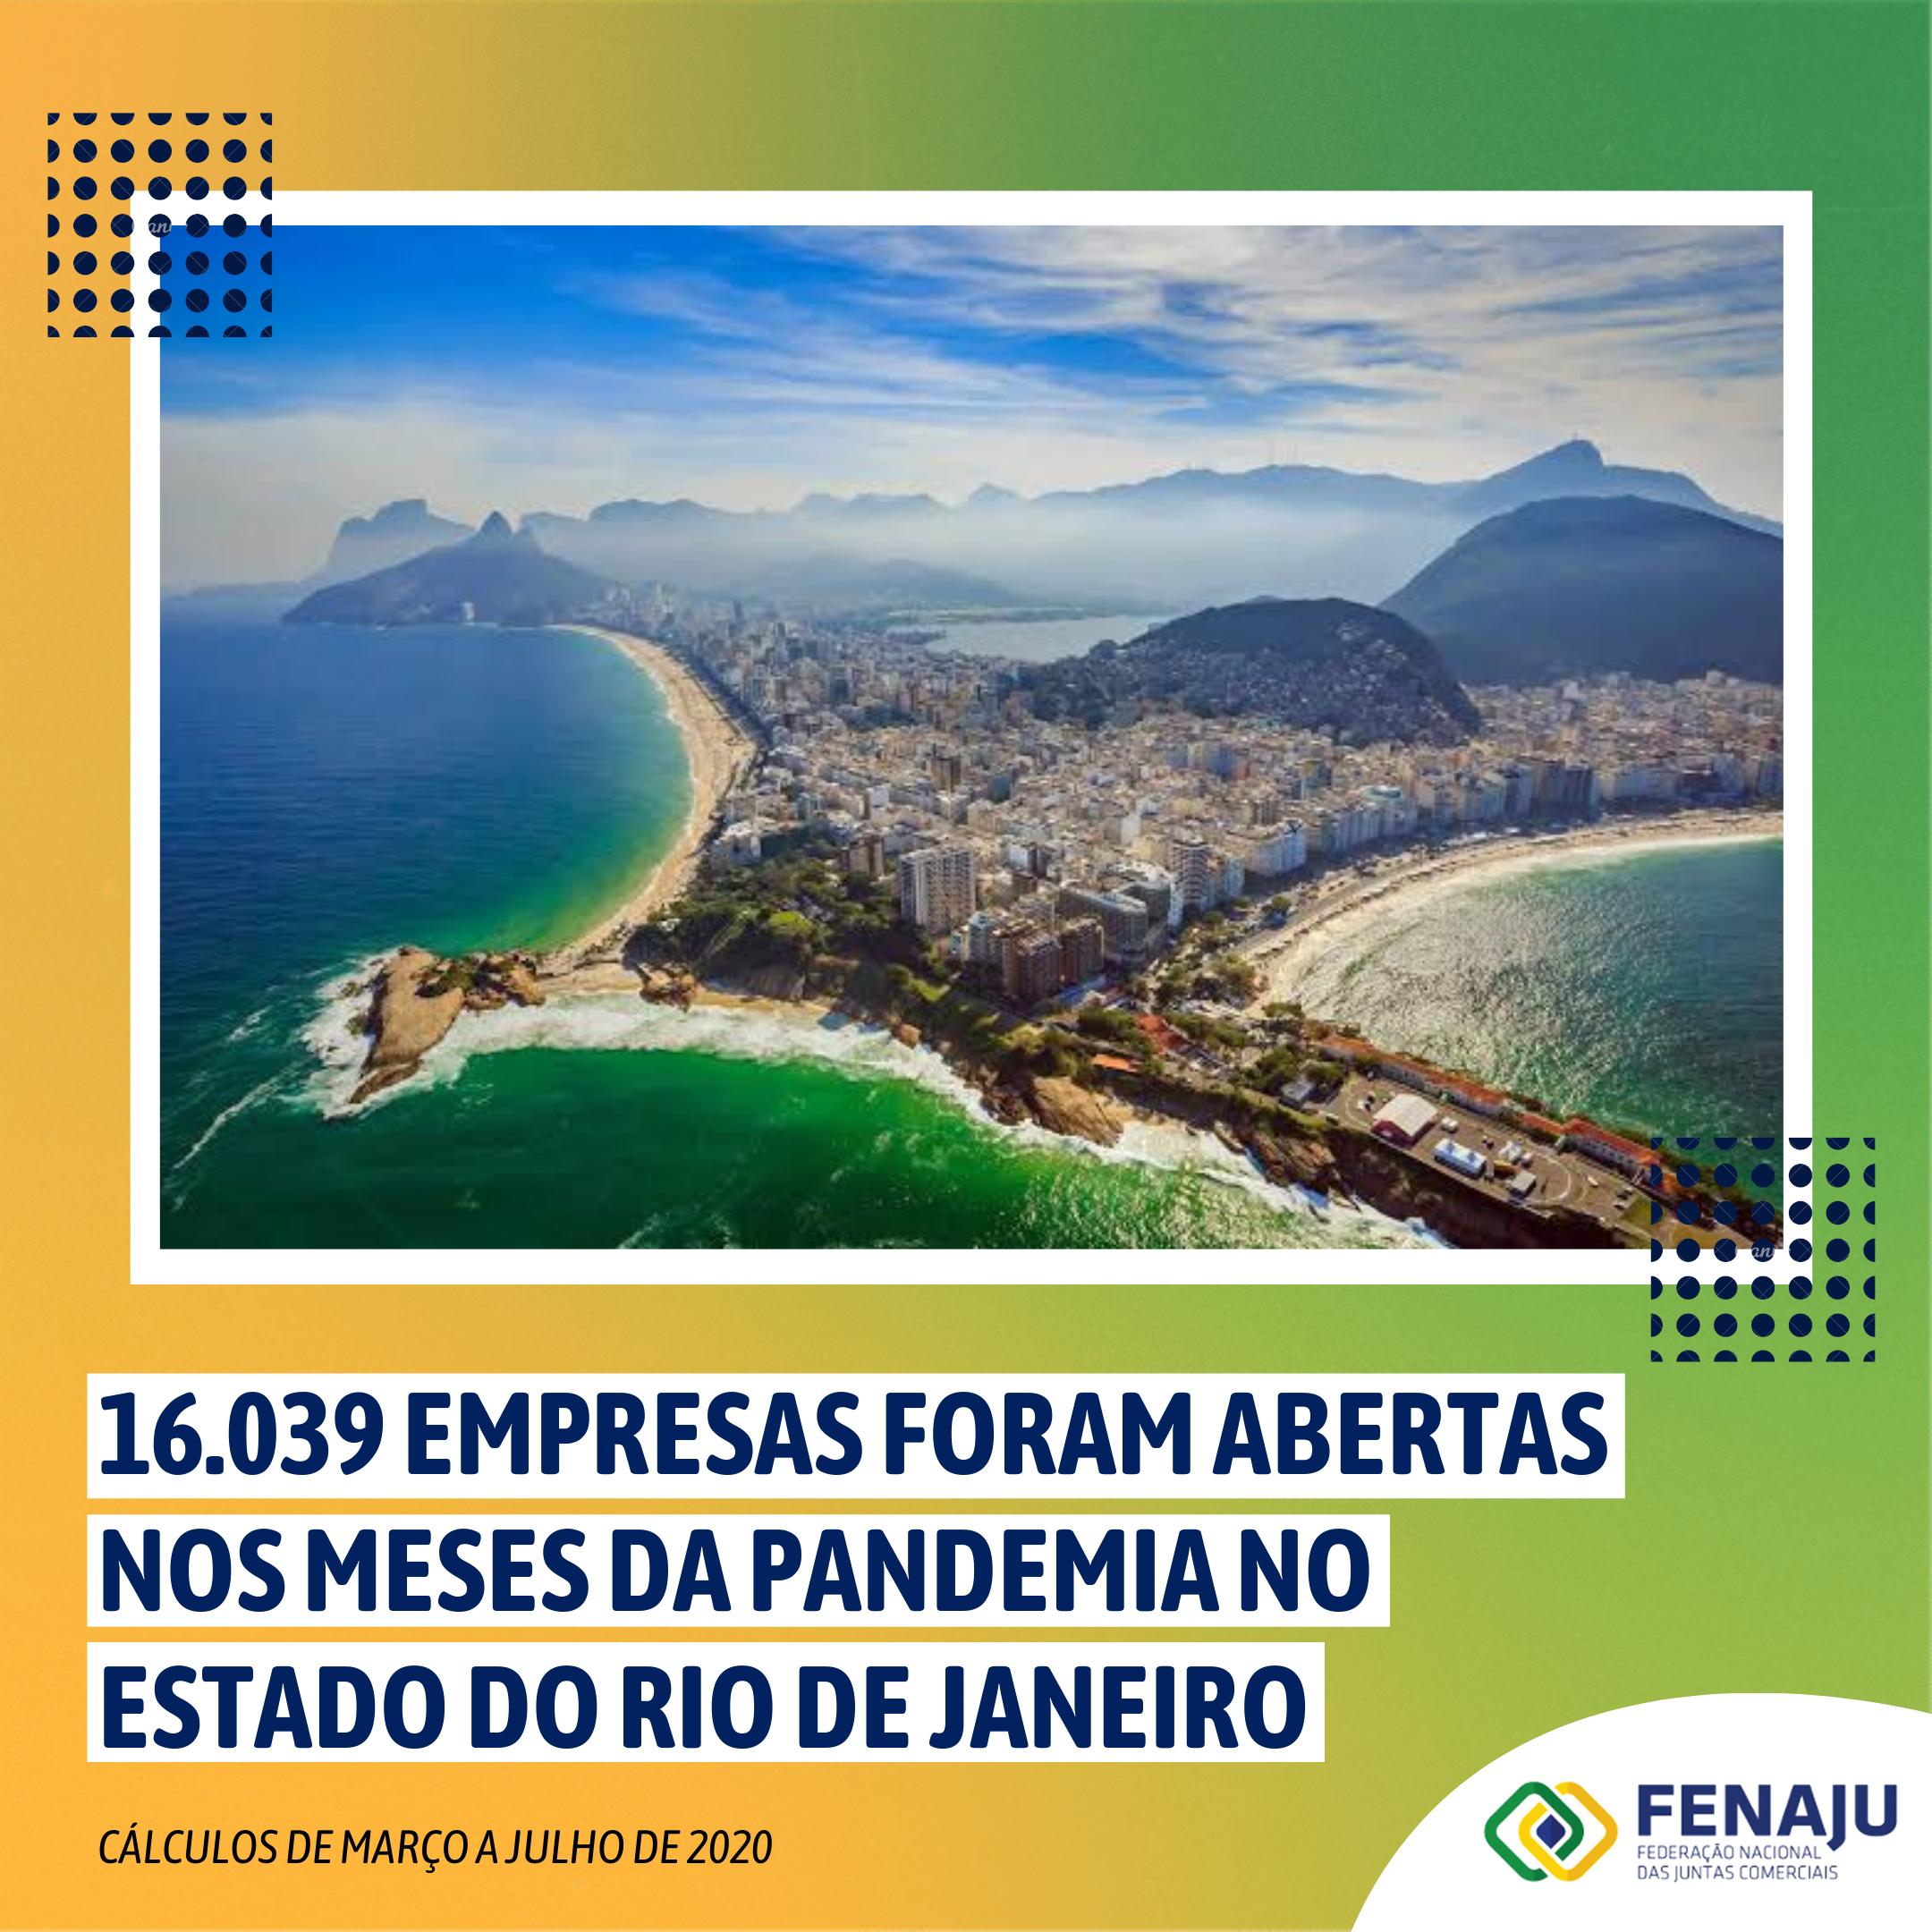 16.039 empresas foram abertas nos meses da pandemia no Estado do Rio de Janeiro